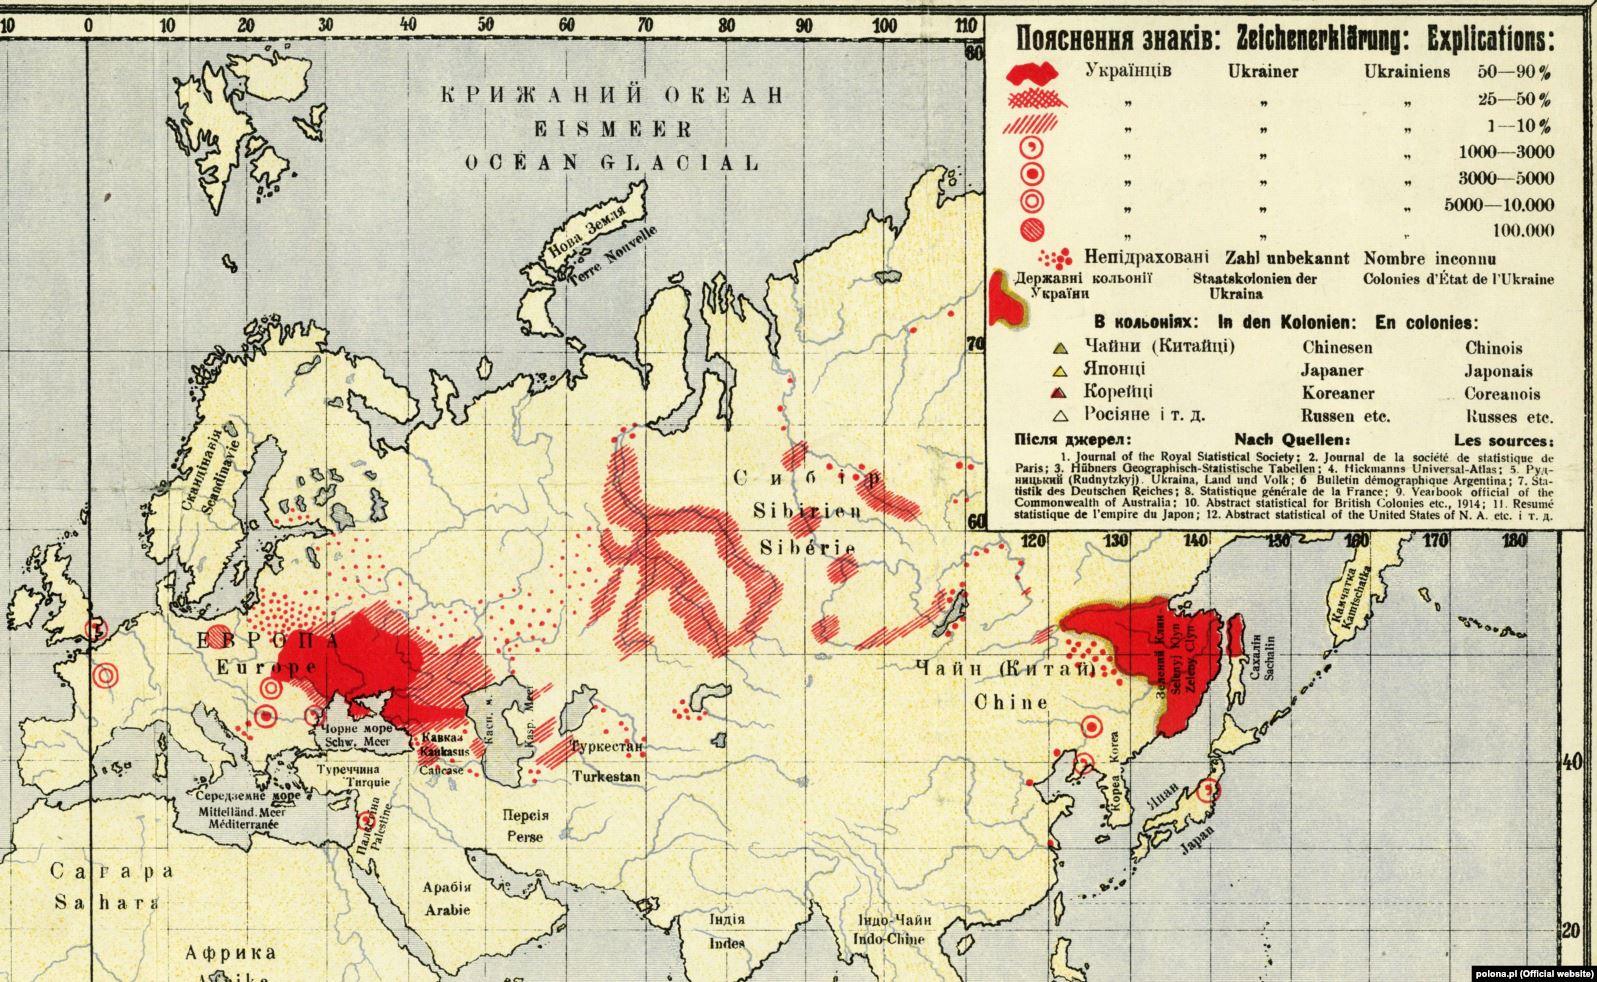 Сірий клин – посередині цього фрагменту мапи, що була видана Юрієм Гасенком у 1920 році у Відні під назвою «Світова мапа з розміщенням Українців по світу». Загальна площа Сірого клину – 460 тисяч квадратних кілометрів